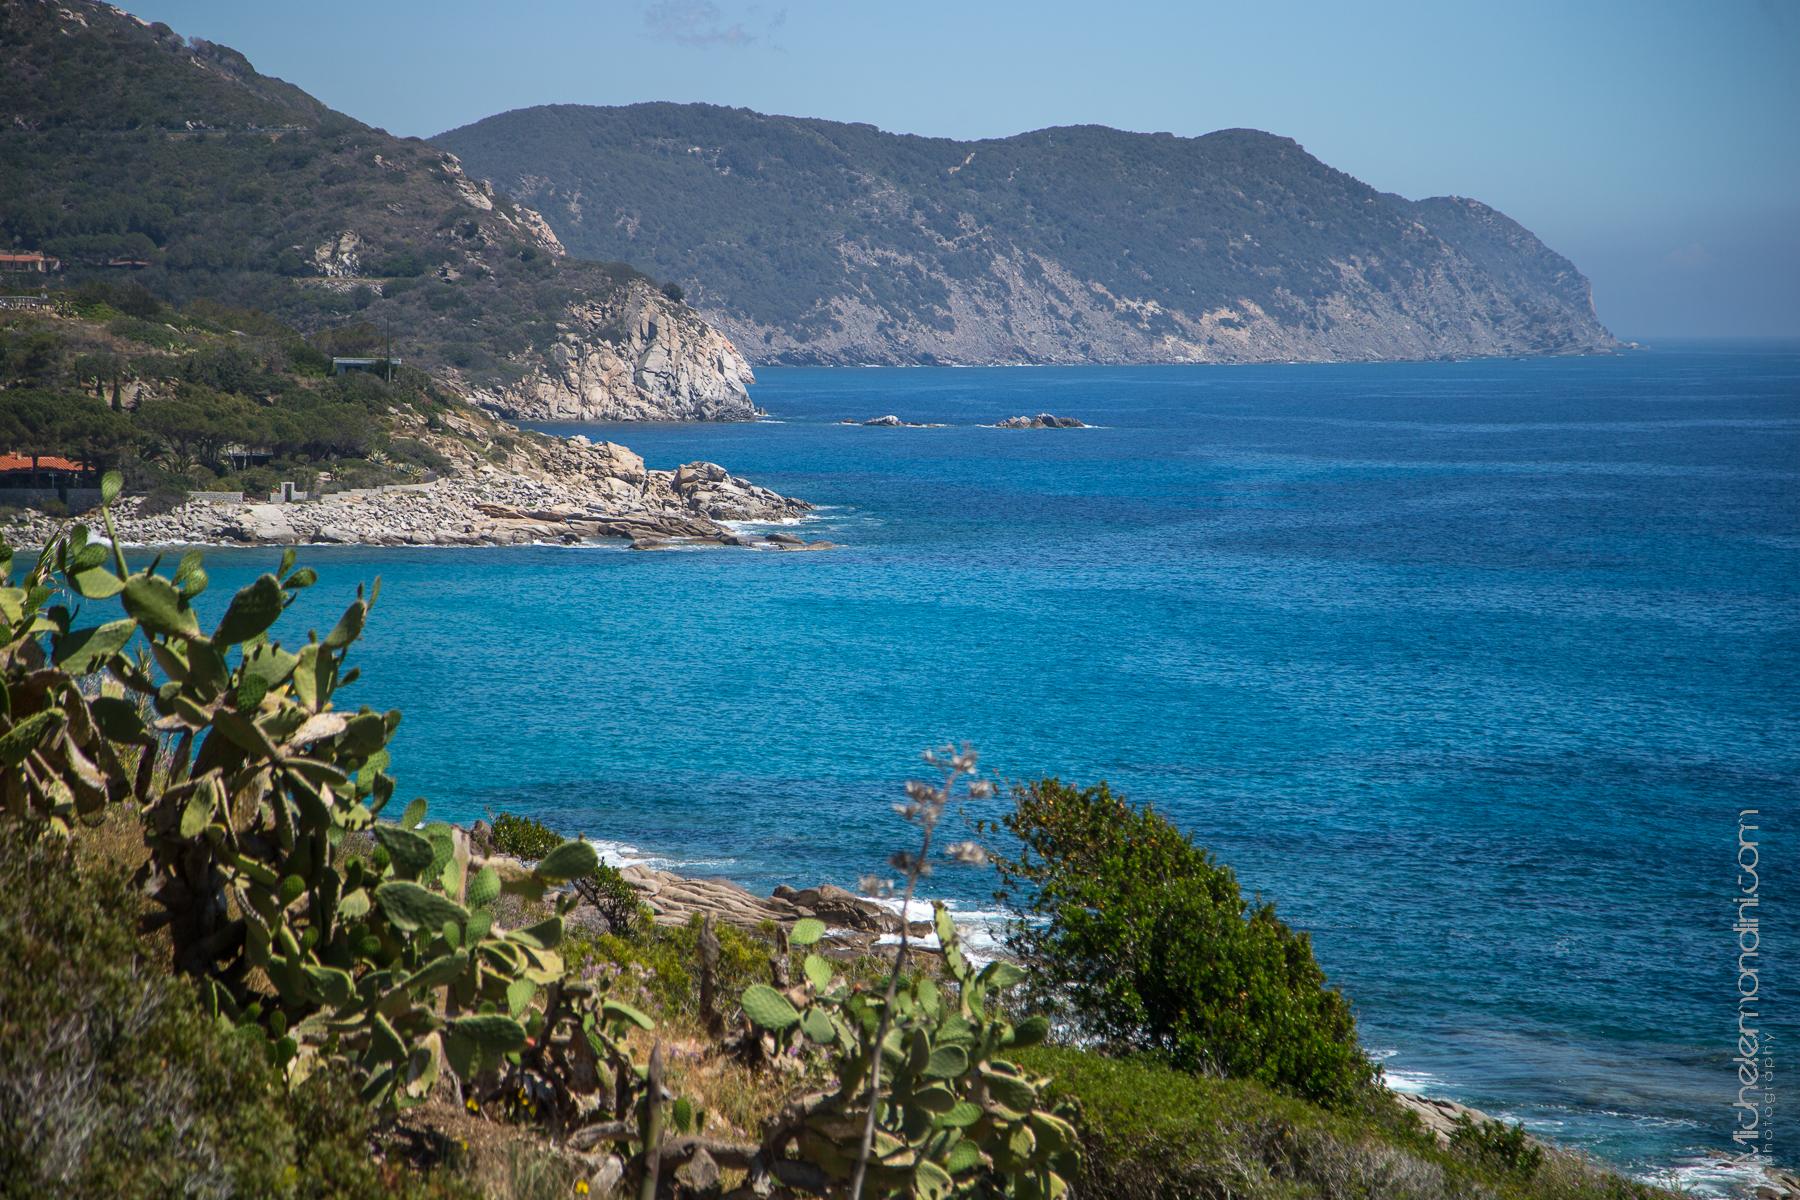 Secchetto, Isola d'Elba - Michele Mondini